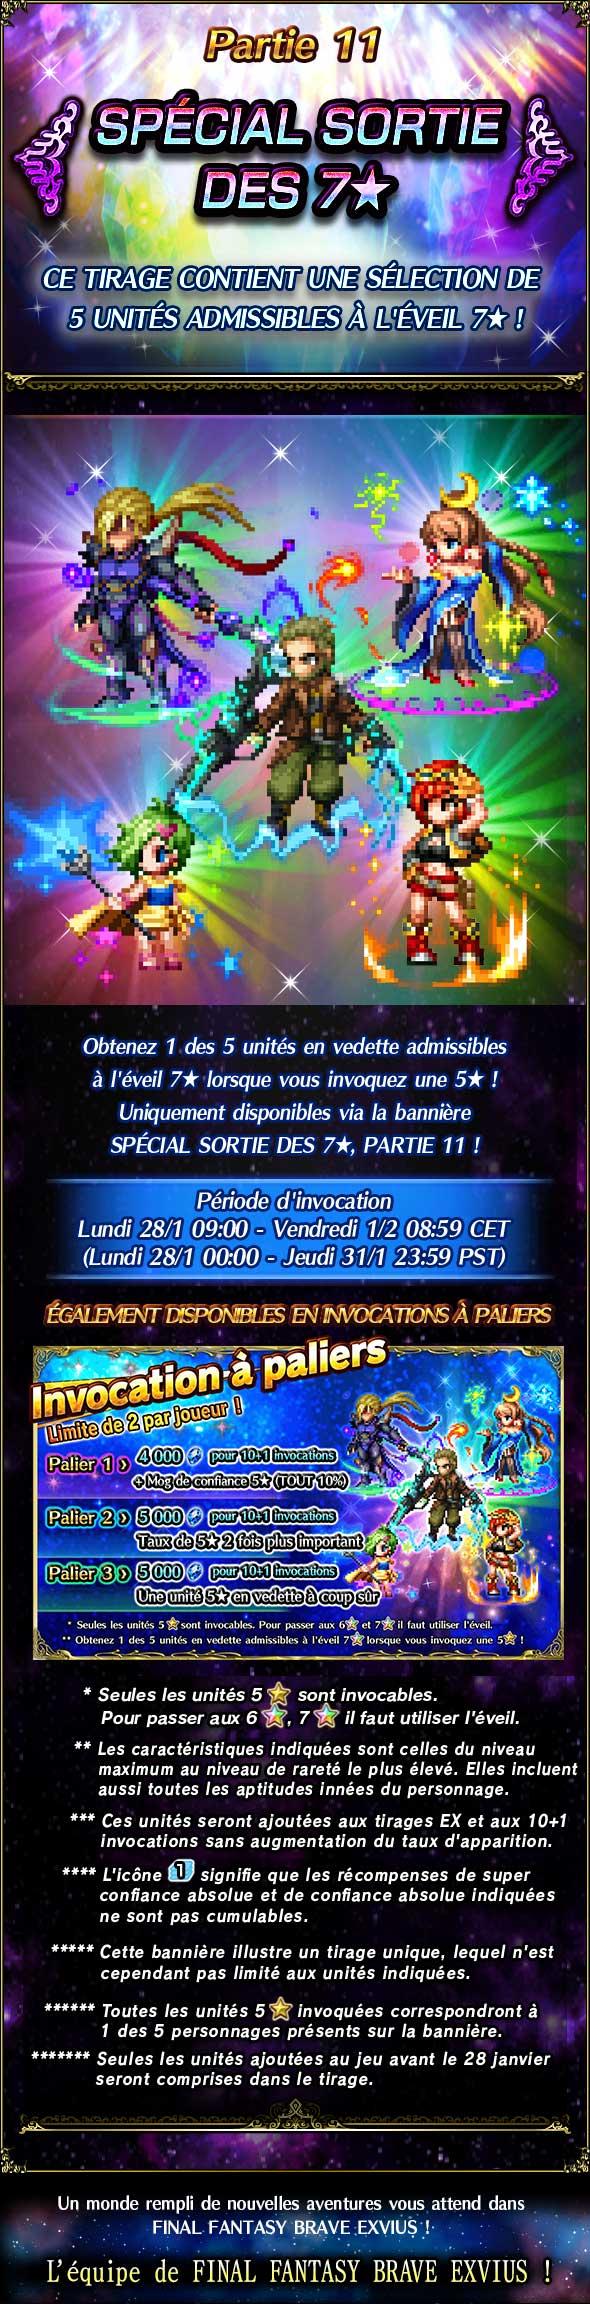 Invocations du moment - FFBE - Speciales sortie des 7* (lot 6) - du 28/01 au 04/02/19 7StarGachaPart11